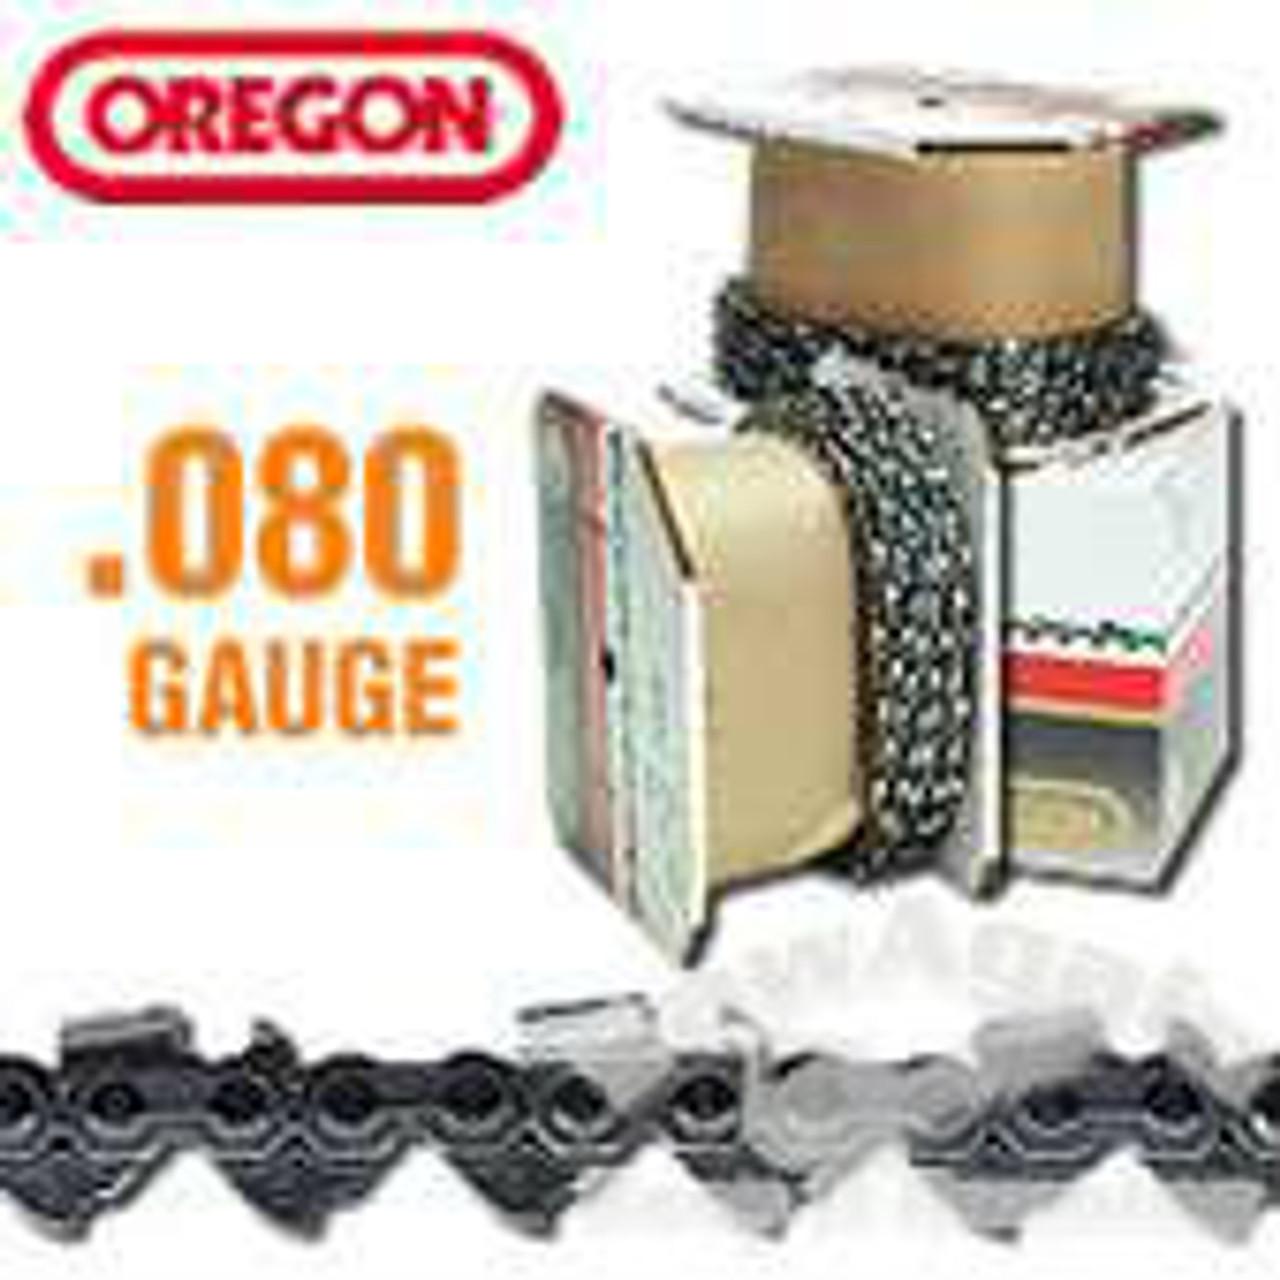 OREGON .404 .080 GUAGE 18HX 100' ROLL CHAIN FOR HARVESTER AND PROCESSOR APPLICATION 18HX100R